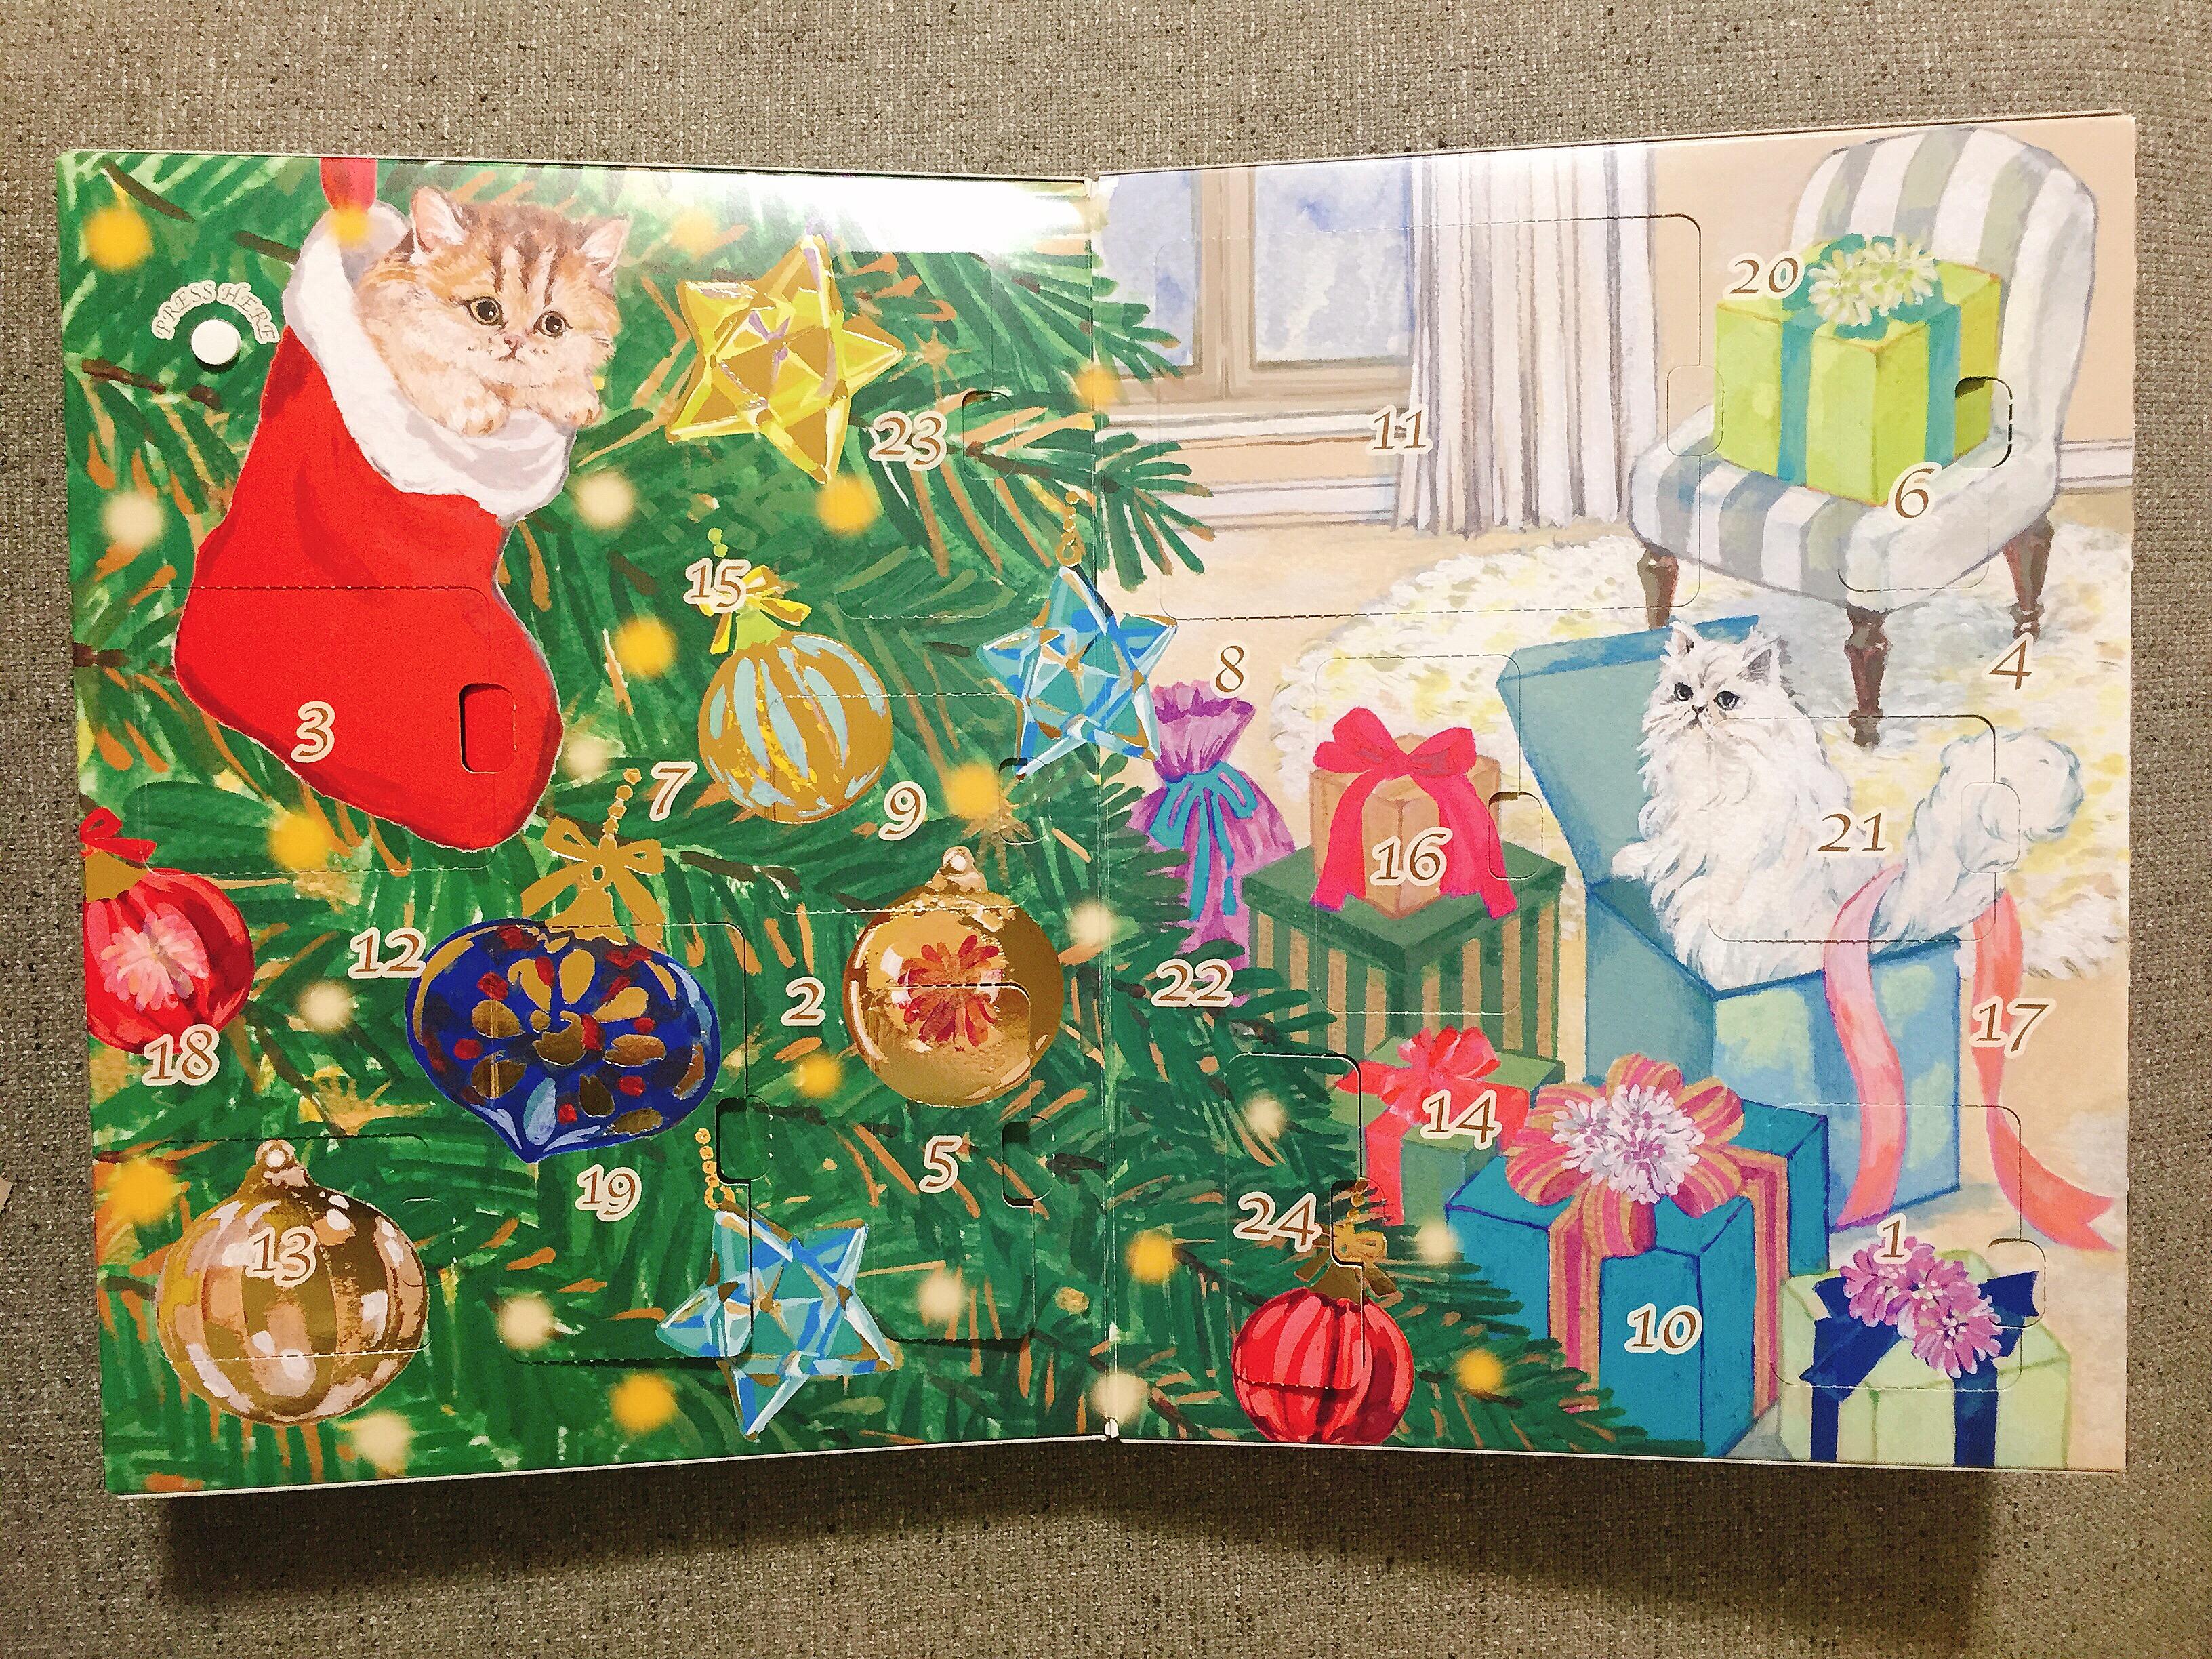 クリスマスプレゼントに貰ったPAUL&JOEコフレのアドベントカレンダーがかわいすぎるのでレポートします♡